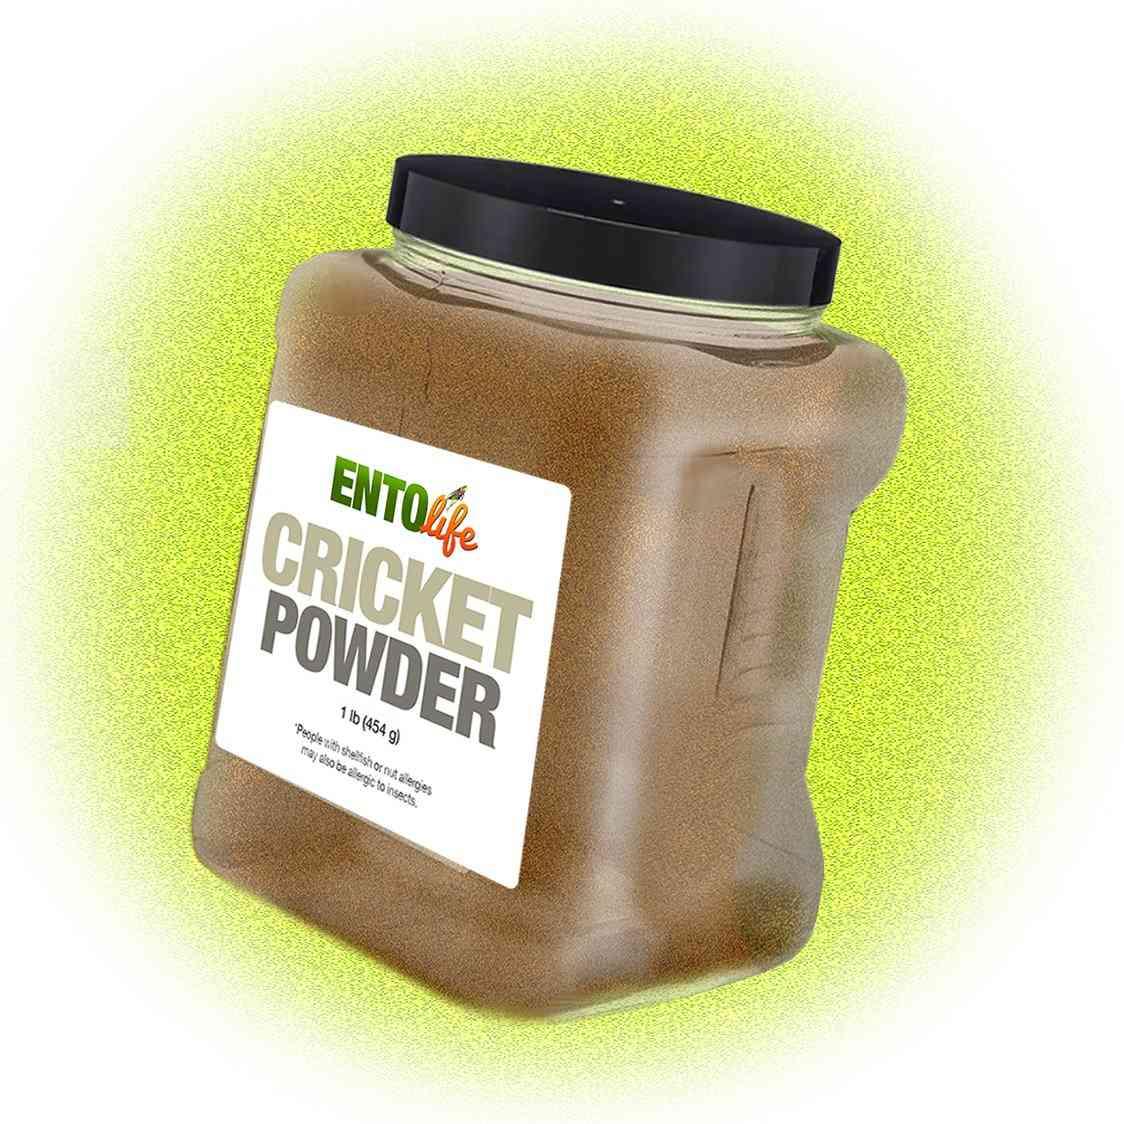 Prebiotic Cricket Powder